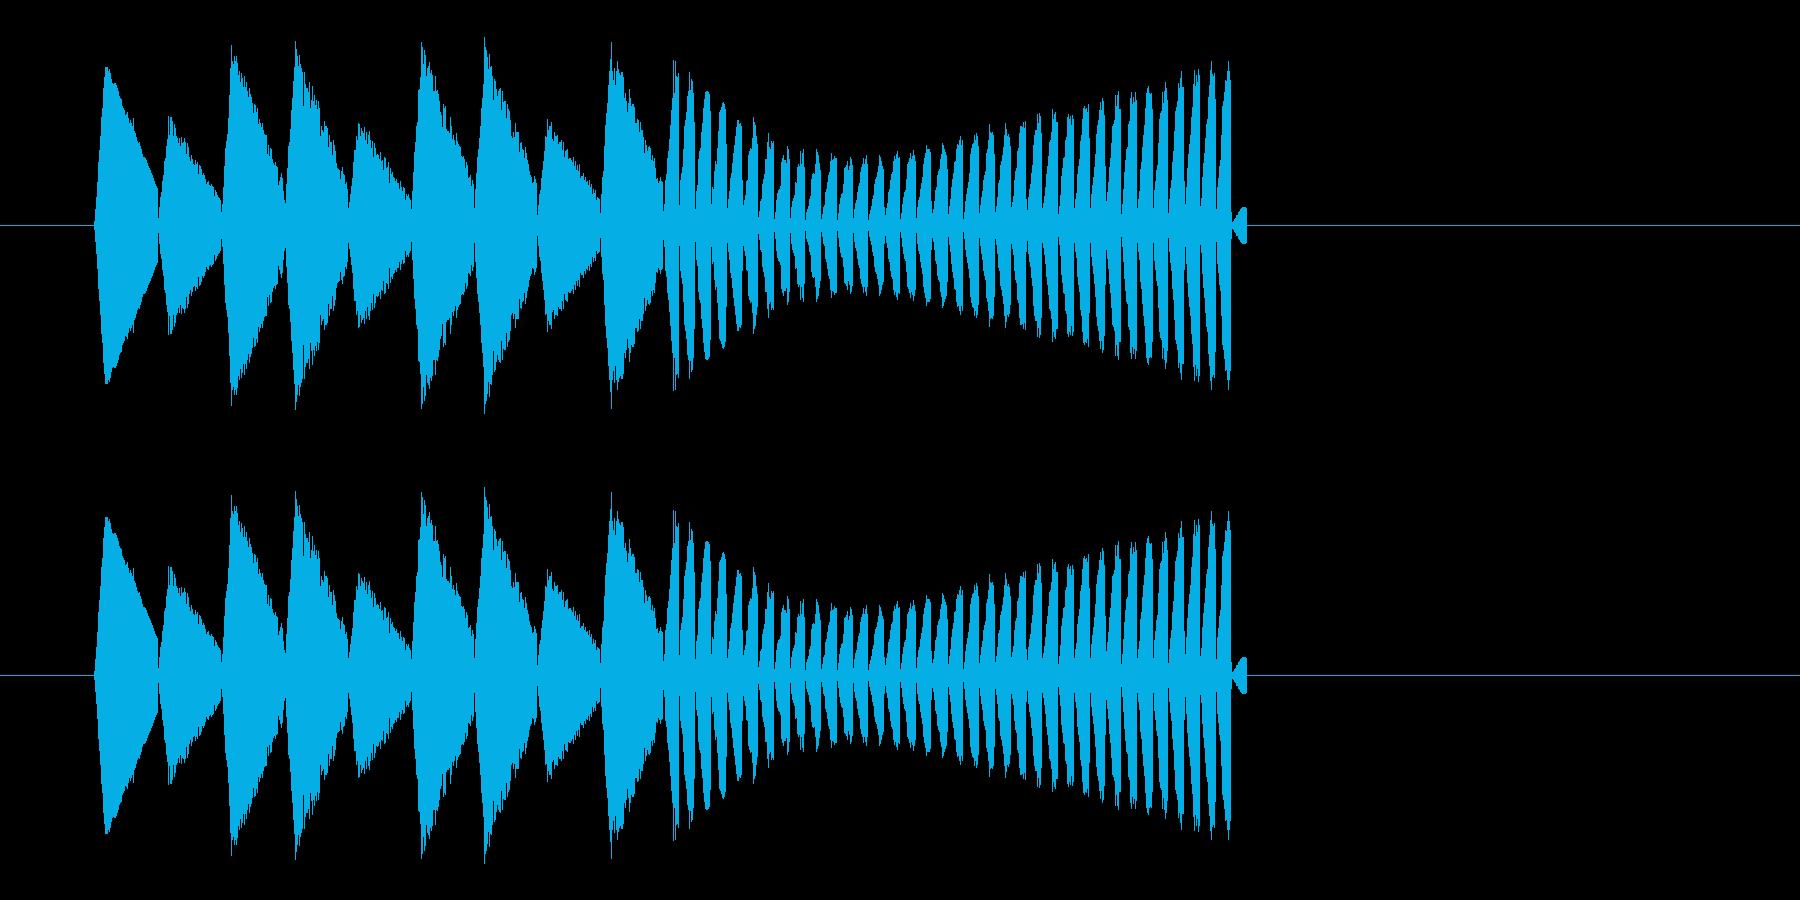 ゲームオーバー・おしまい ファミコン系の再生済みの波形